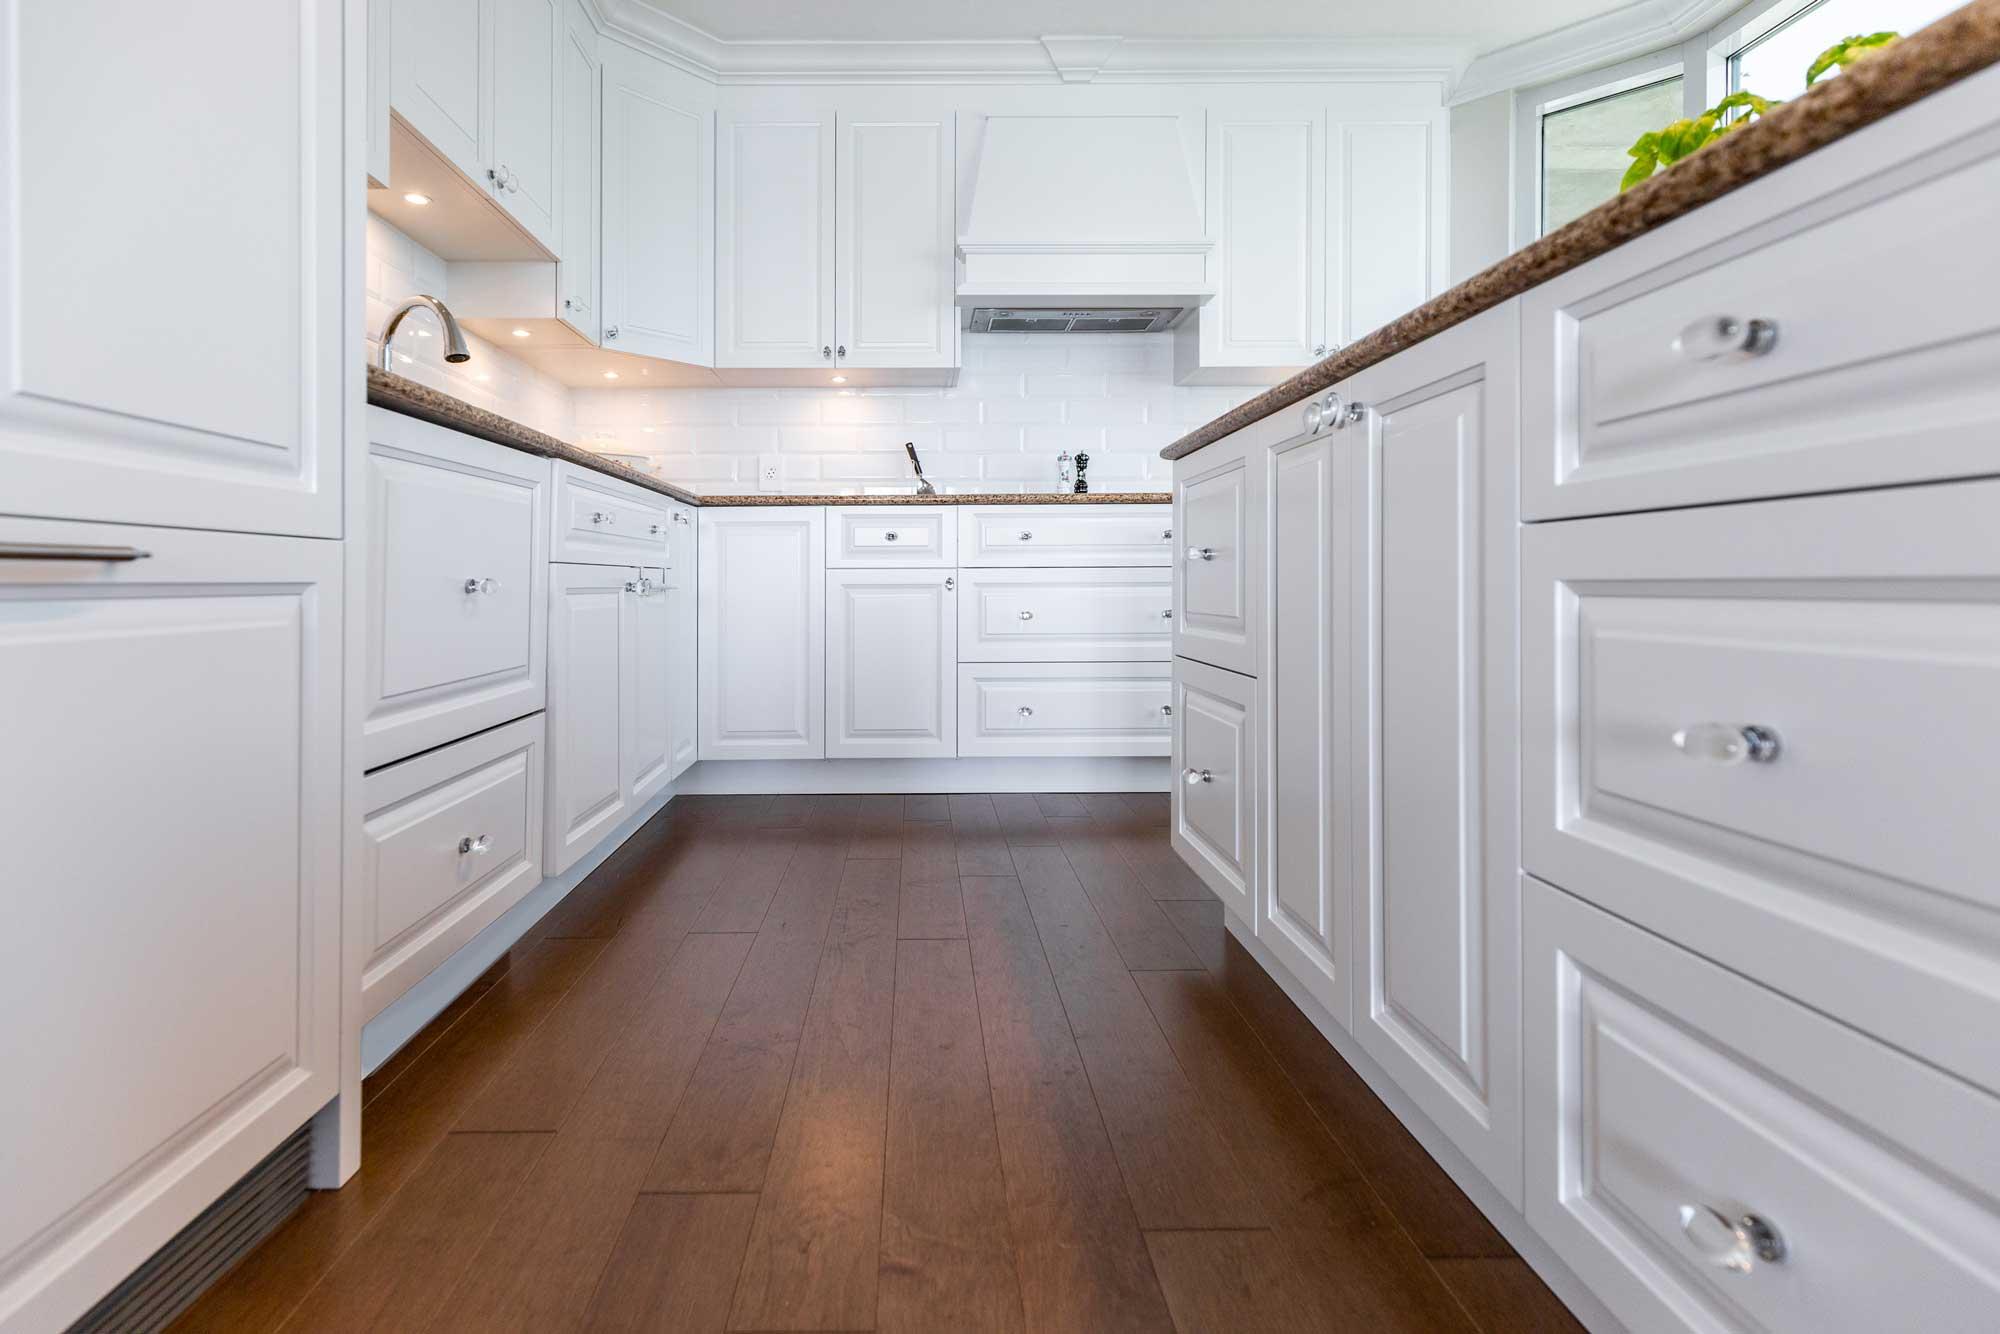 design de cuisine classique blanche avec plancher en bois franc